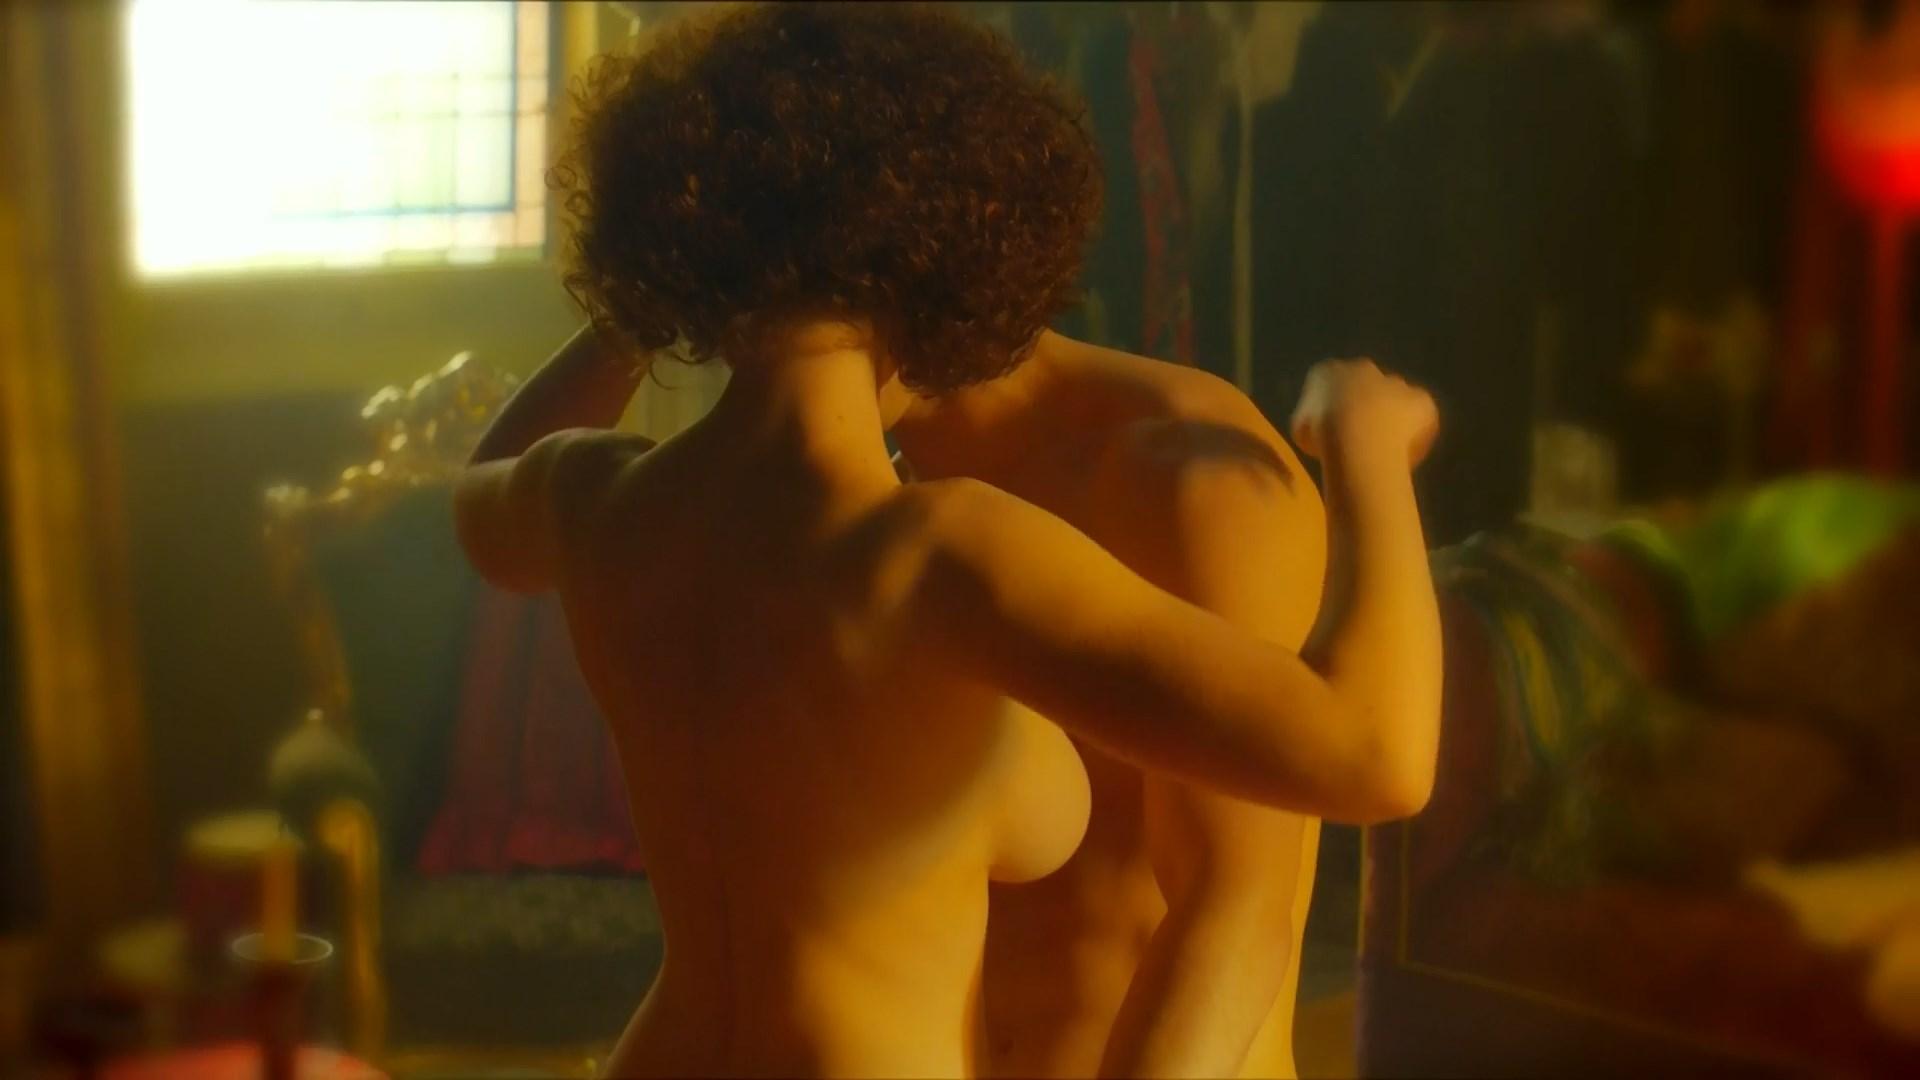 Gilbert naked sara Sarah Silverman